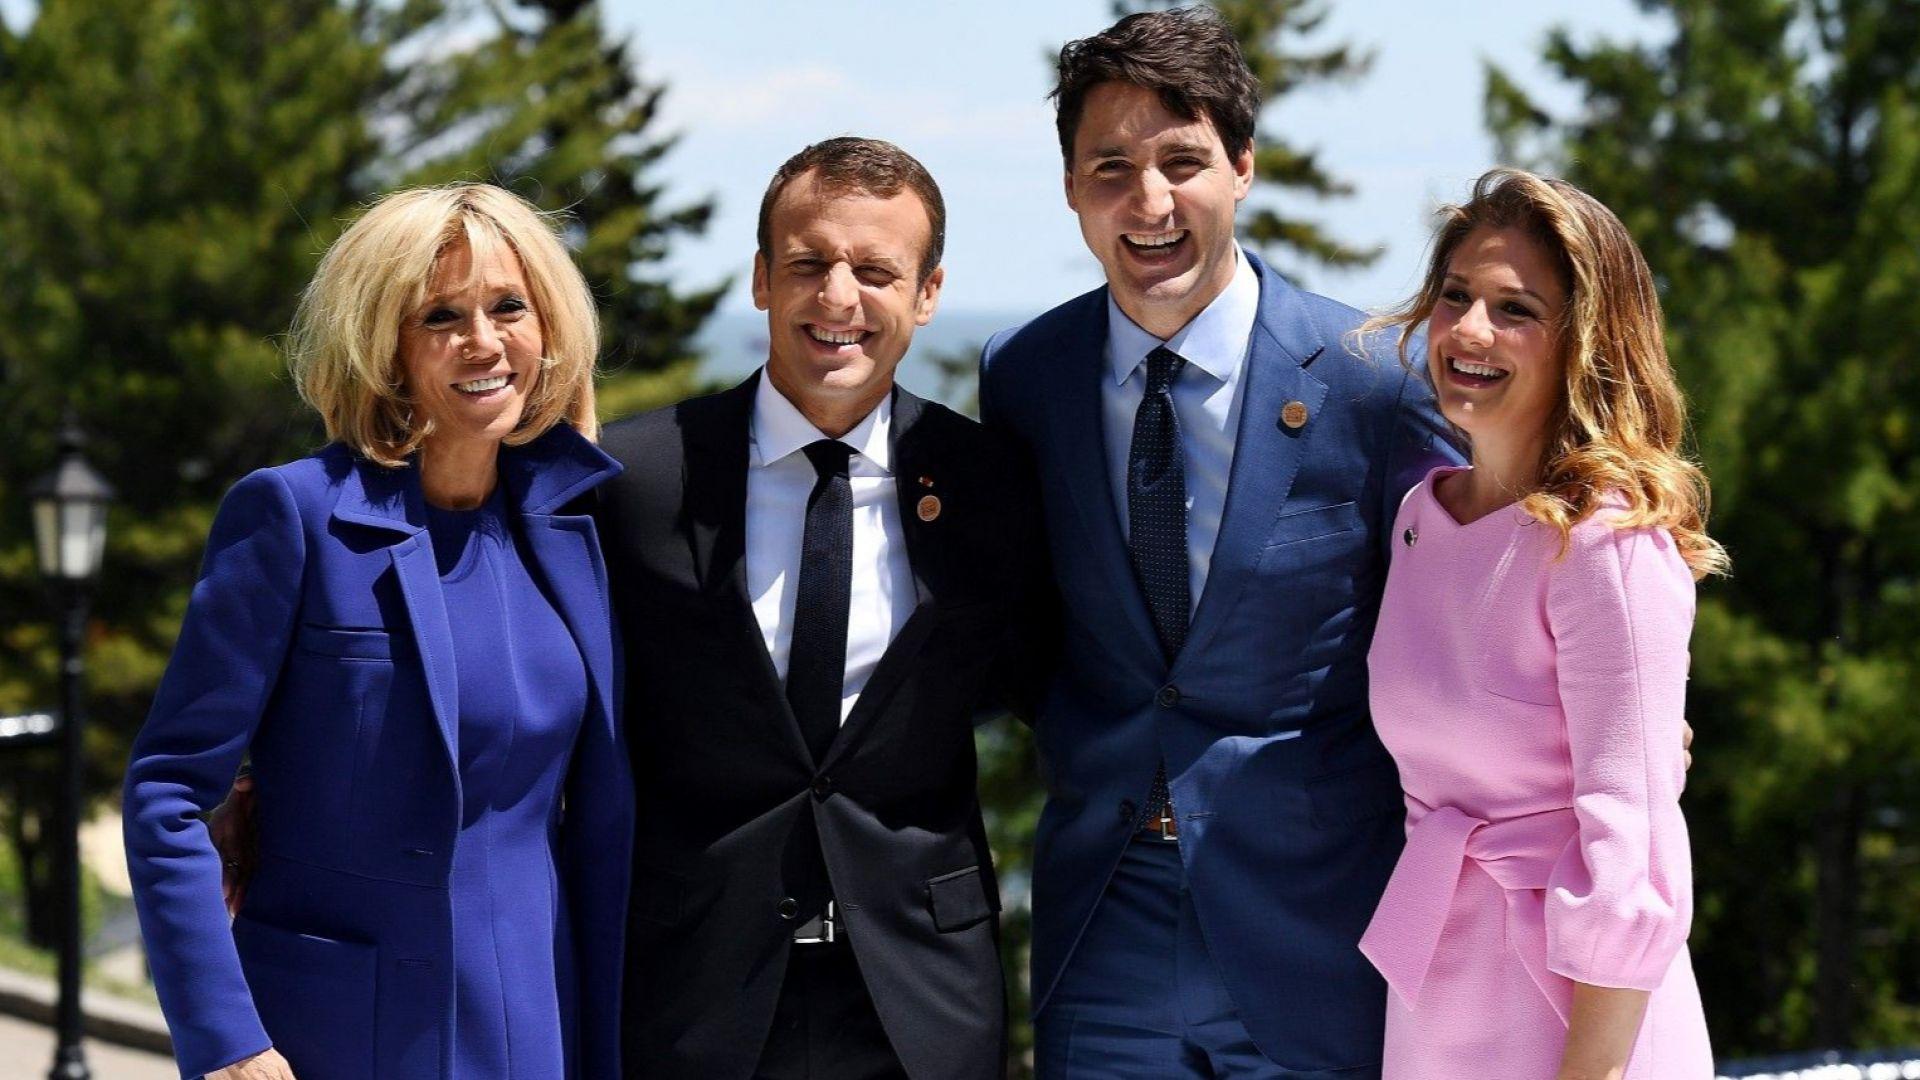 Едноцветни тоалети, грация и стил показаха дамите на срещата на Г-7 в Канада